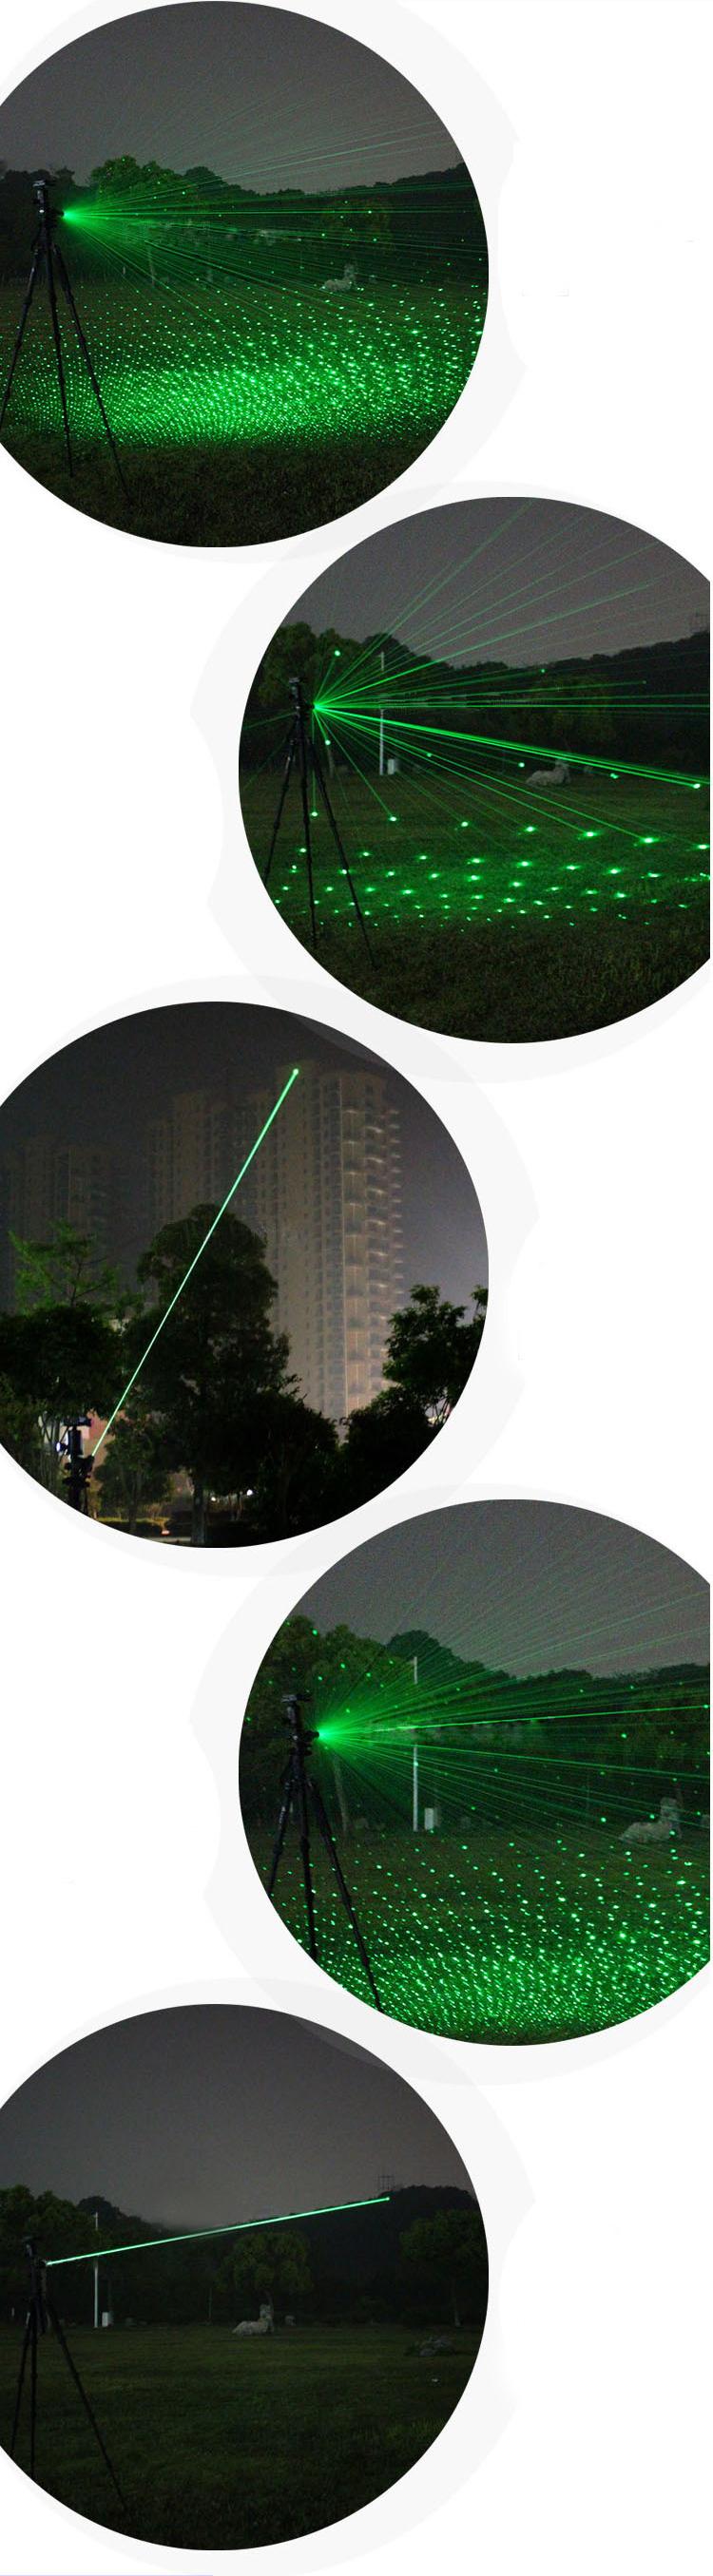 グリーンレーザー 満天の星キャップ付き フォーカス調整可能